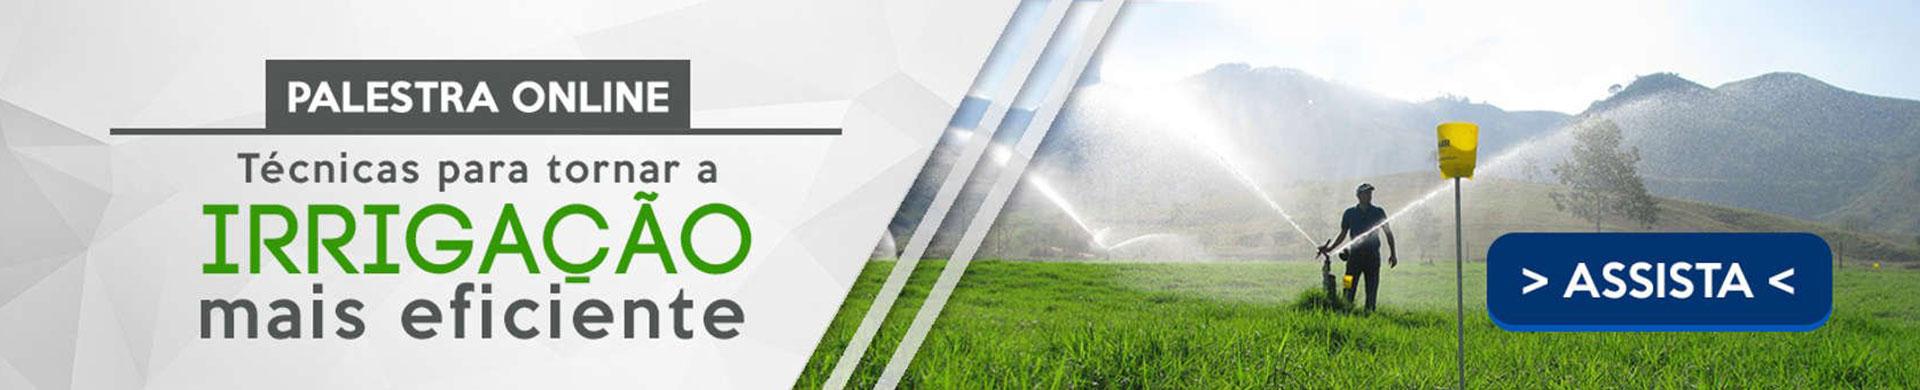 Palestra online sobre Técnicas para tornar a irrigação mais eficiente